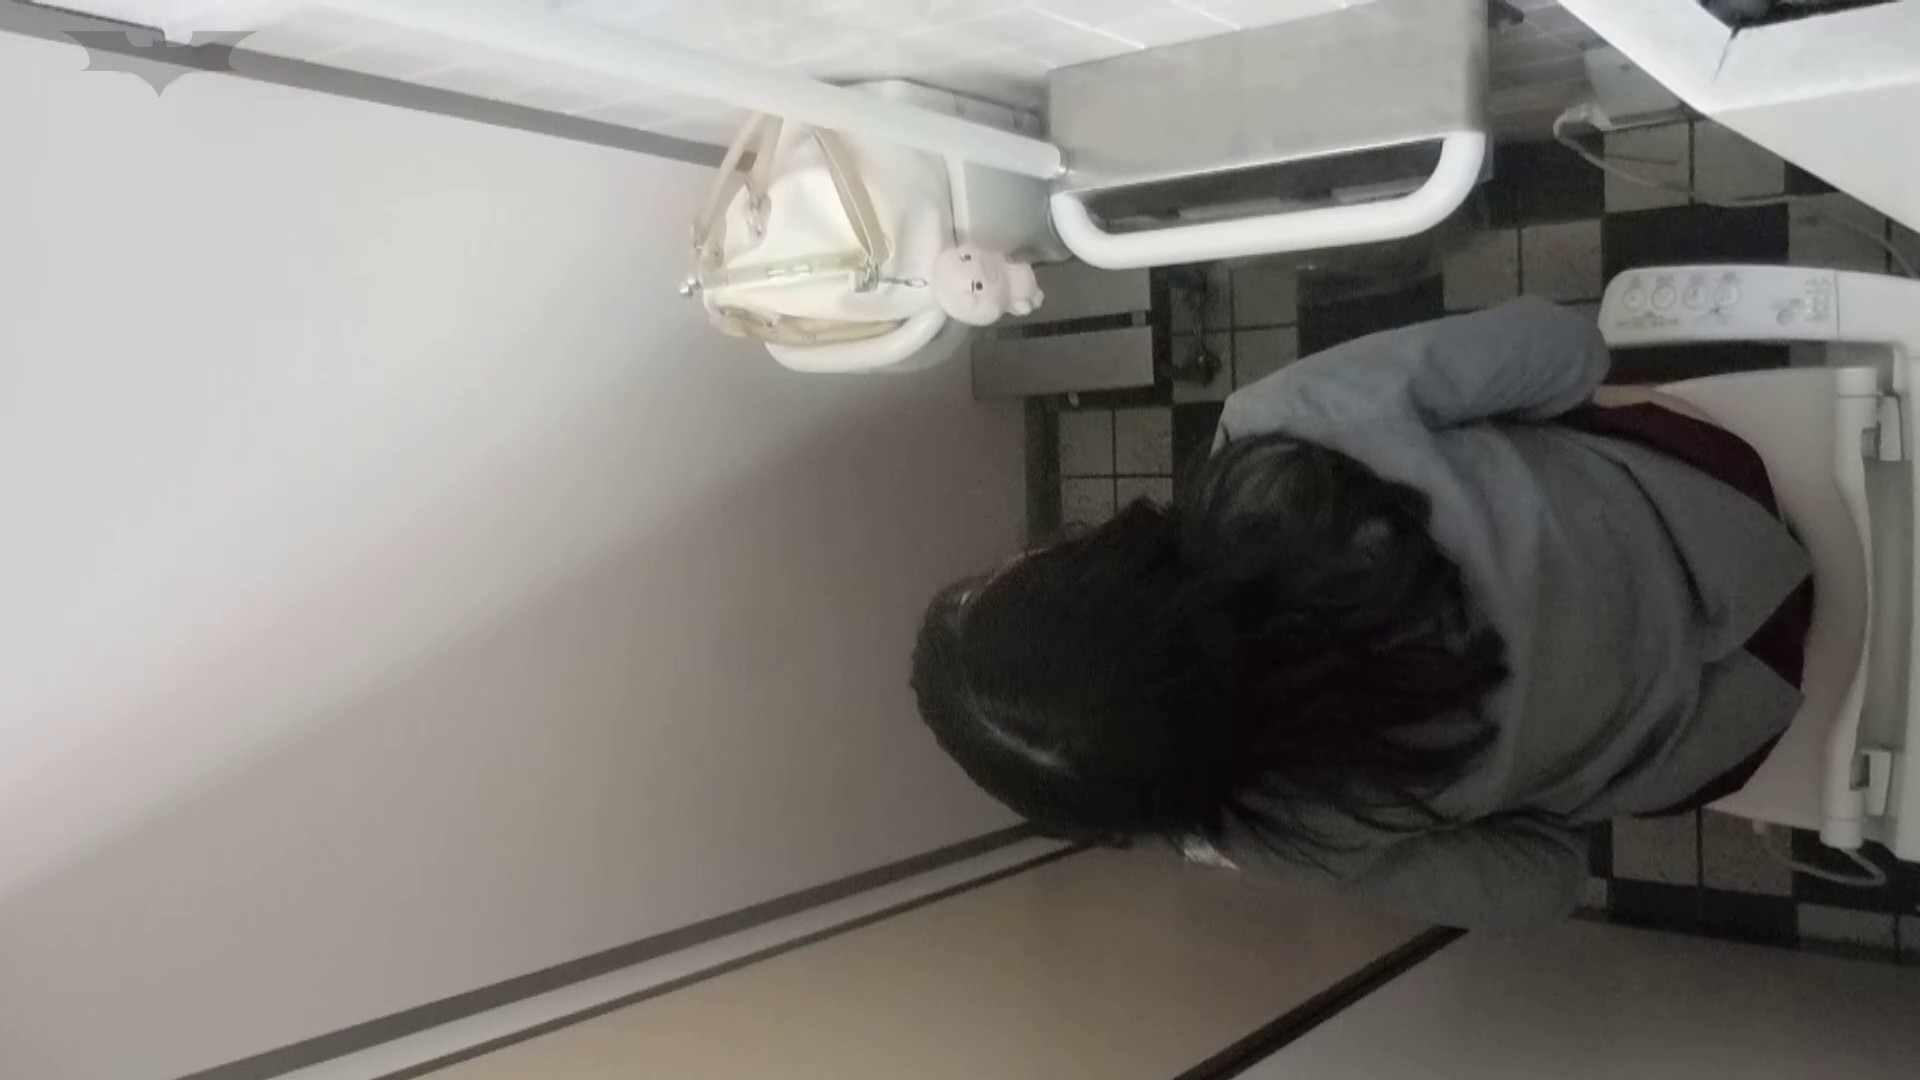 化粧室絵巻 駅舎編 VOL.21 ヨリドリミドリ!!選びたい放題です。 OL  111pic 25